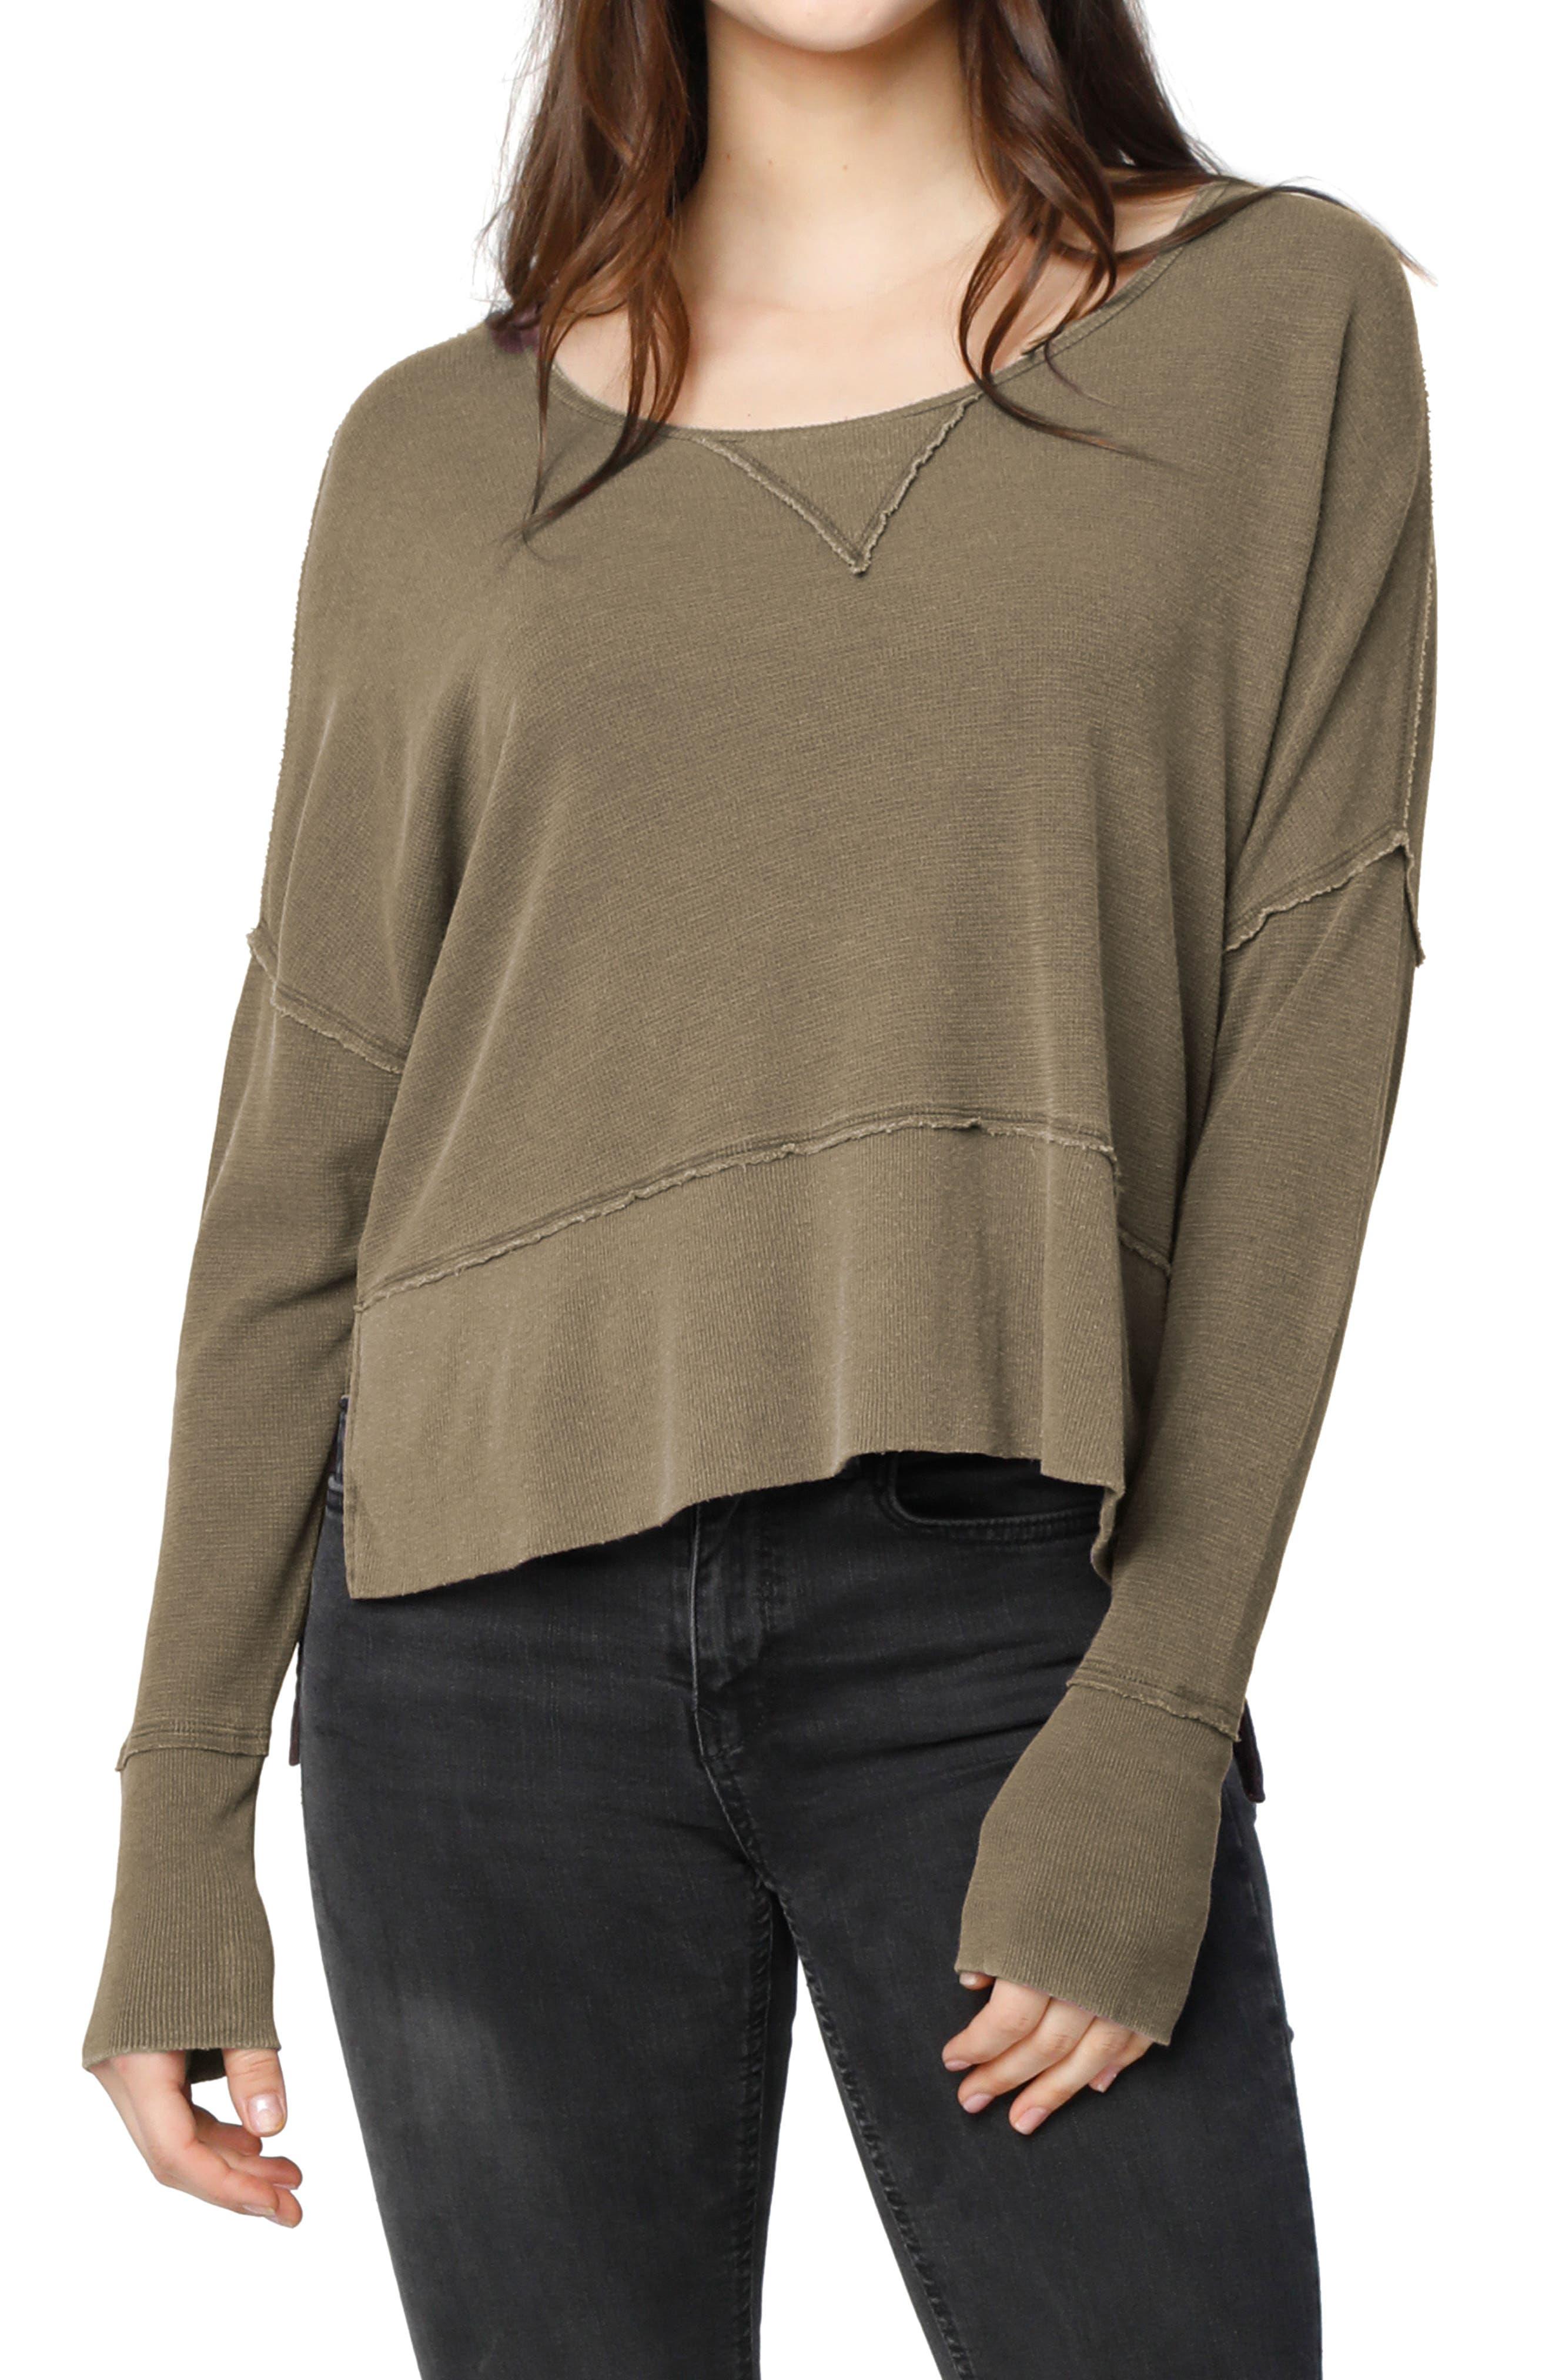 Alternate Image 1 Selected - LAmade Lori Drop Shoulder Top